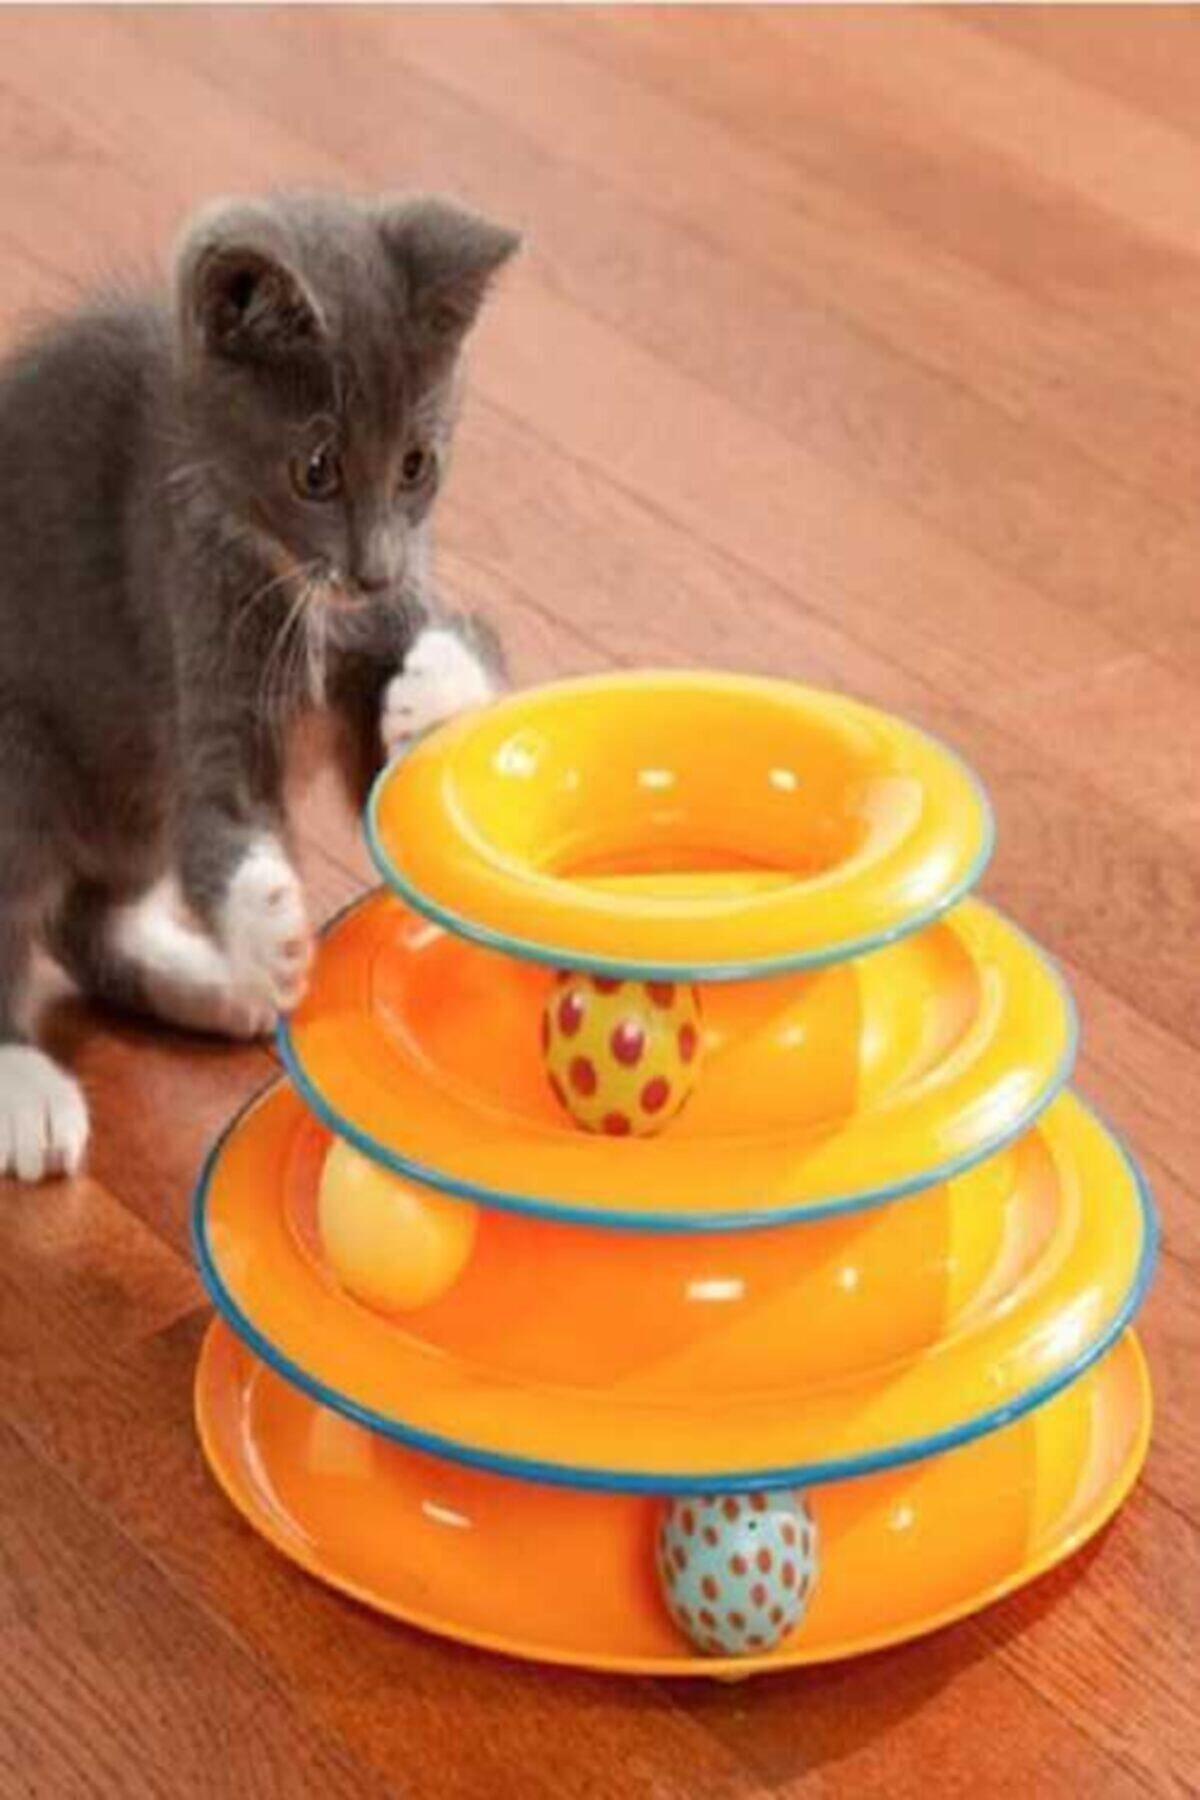 Toplu Yuvarlak Kedi Oyuncağı Kedi Eğlencesi